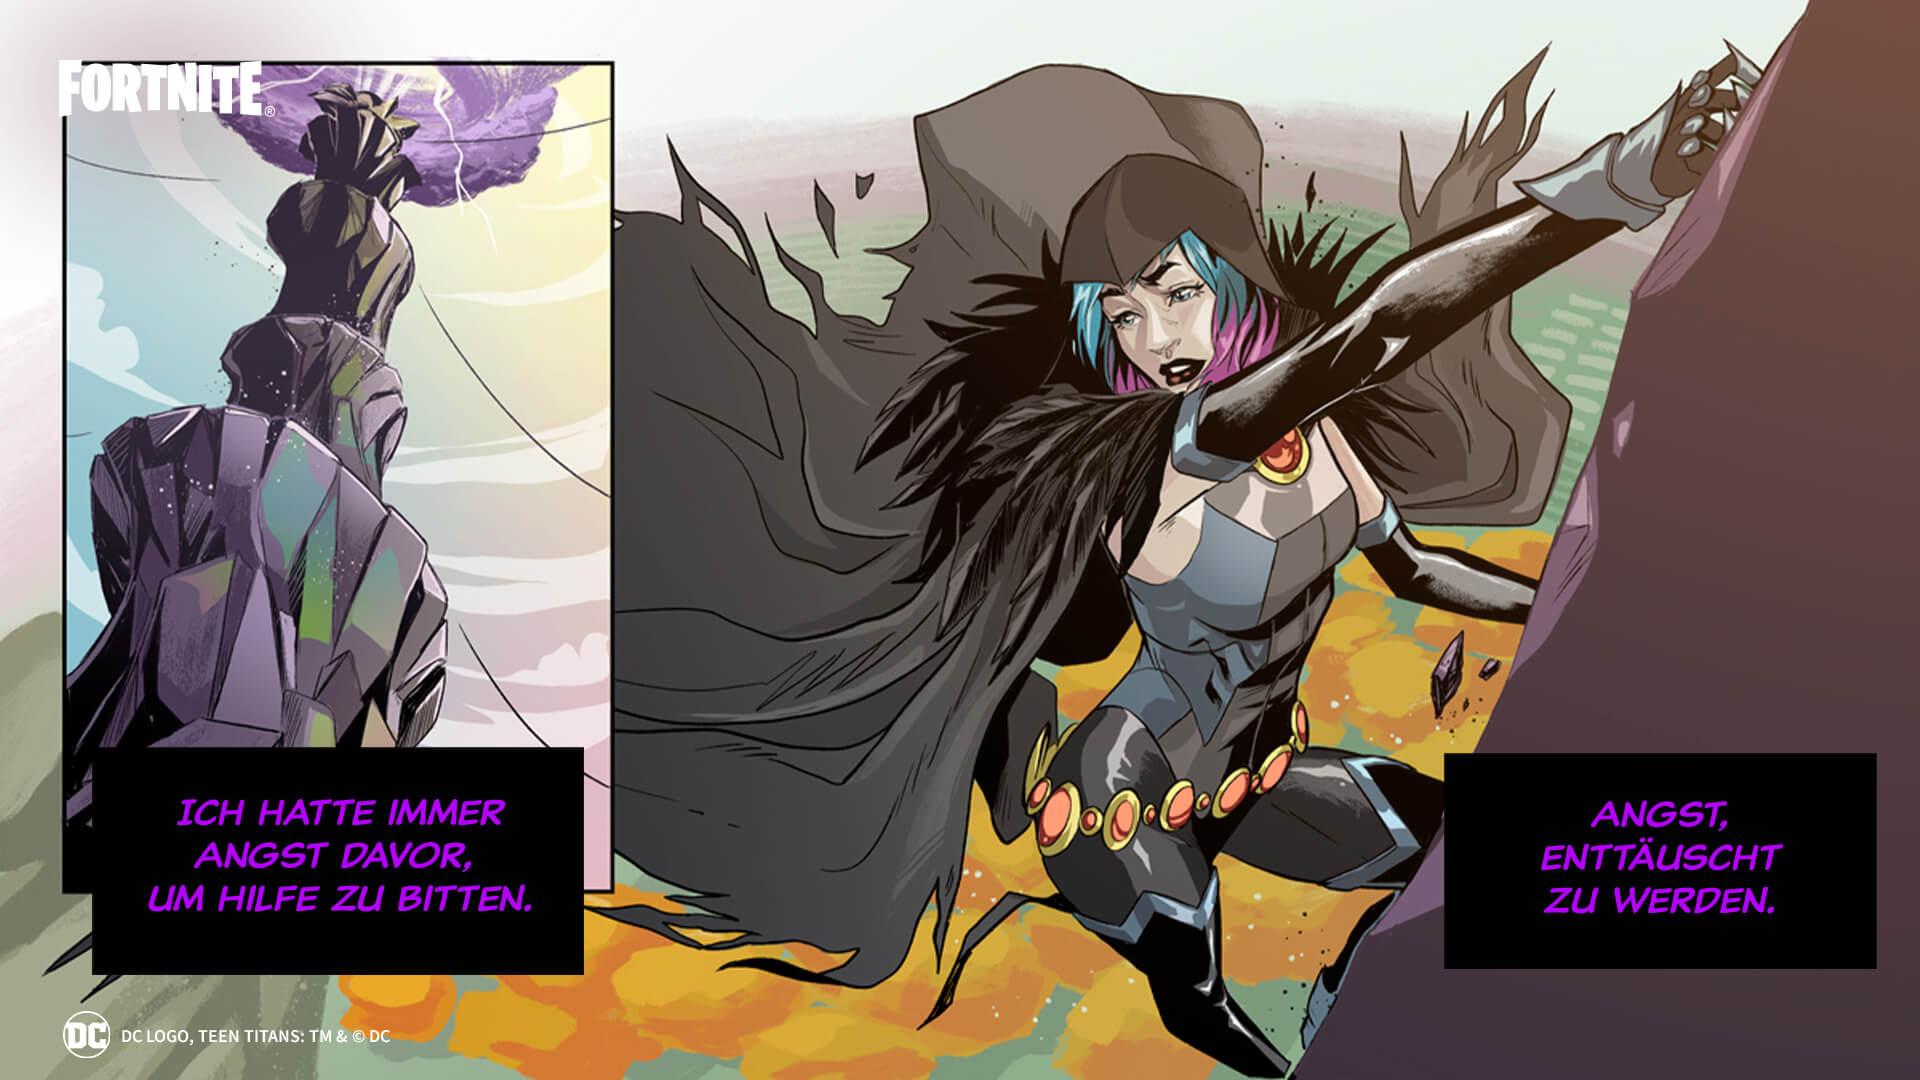 DE Raven BeastBoy S16 01 Social 1920x1080 1